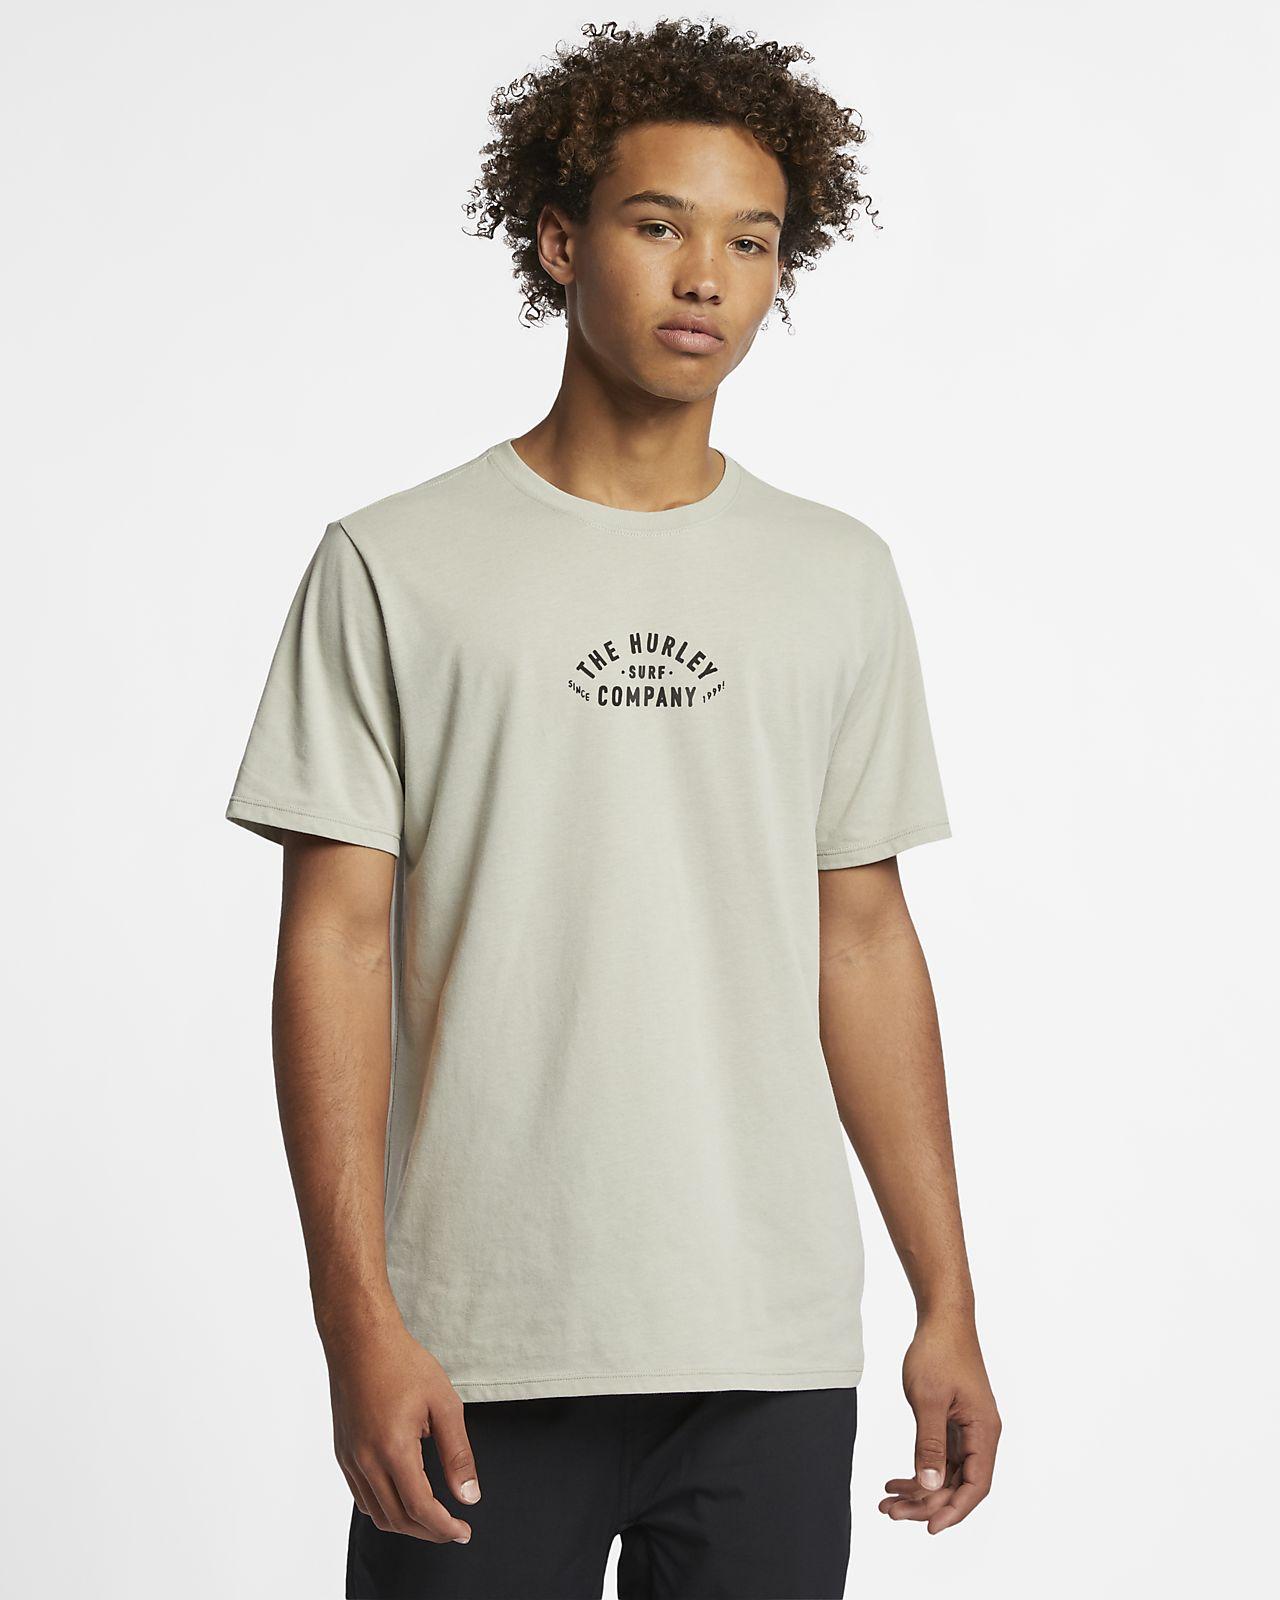 watch 74393 9cdd1 ... T-shirt Hurley Dri-FIT 3rd Base för män